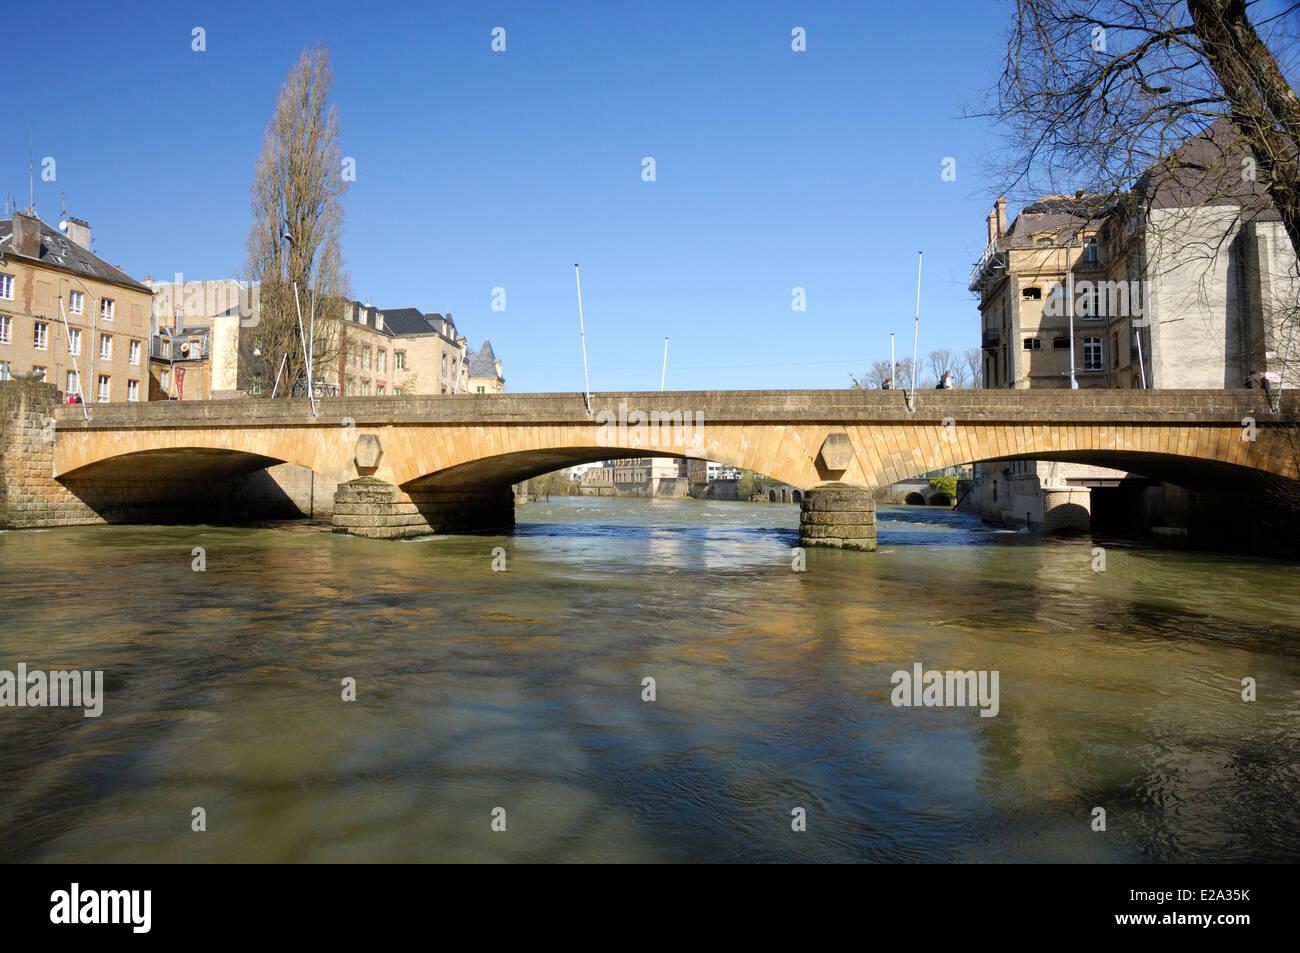 Francia, Ardenas, sedán, el puente del río Mosa, en el centro de Sedan Imagen De Stock